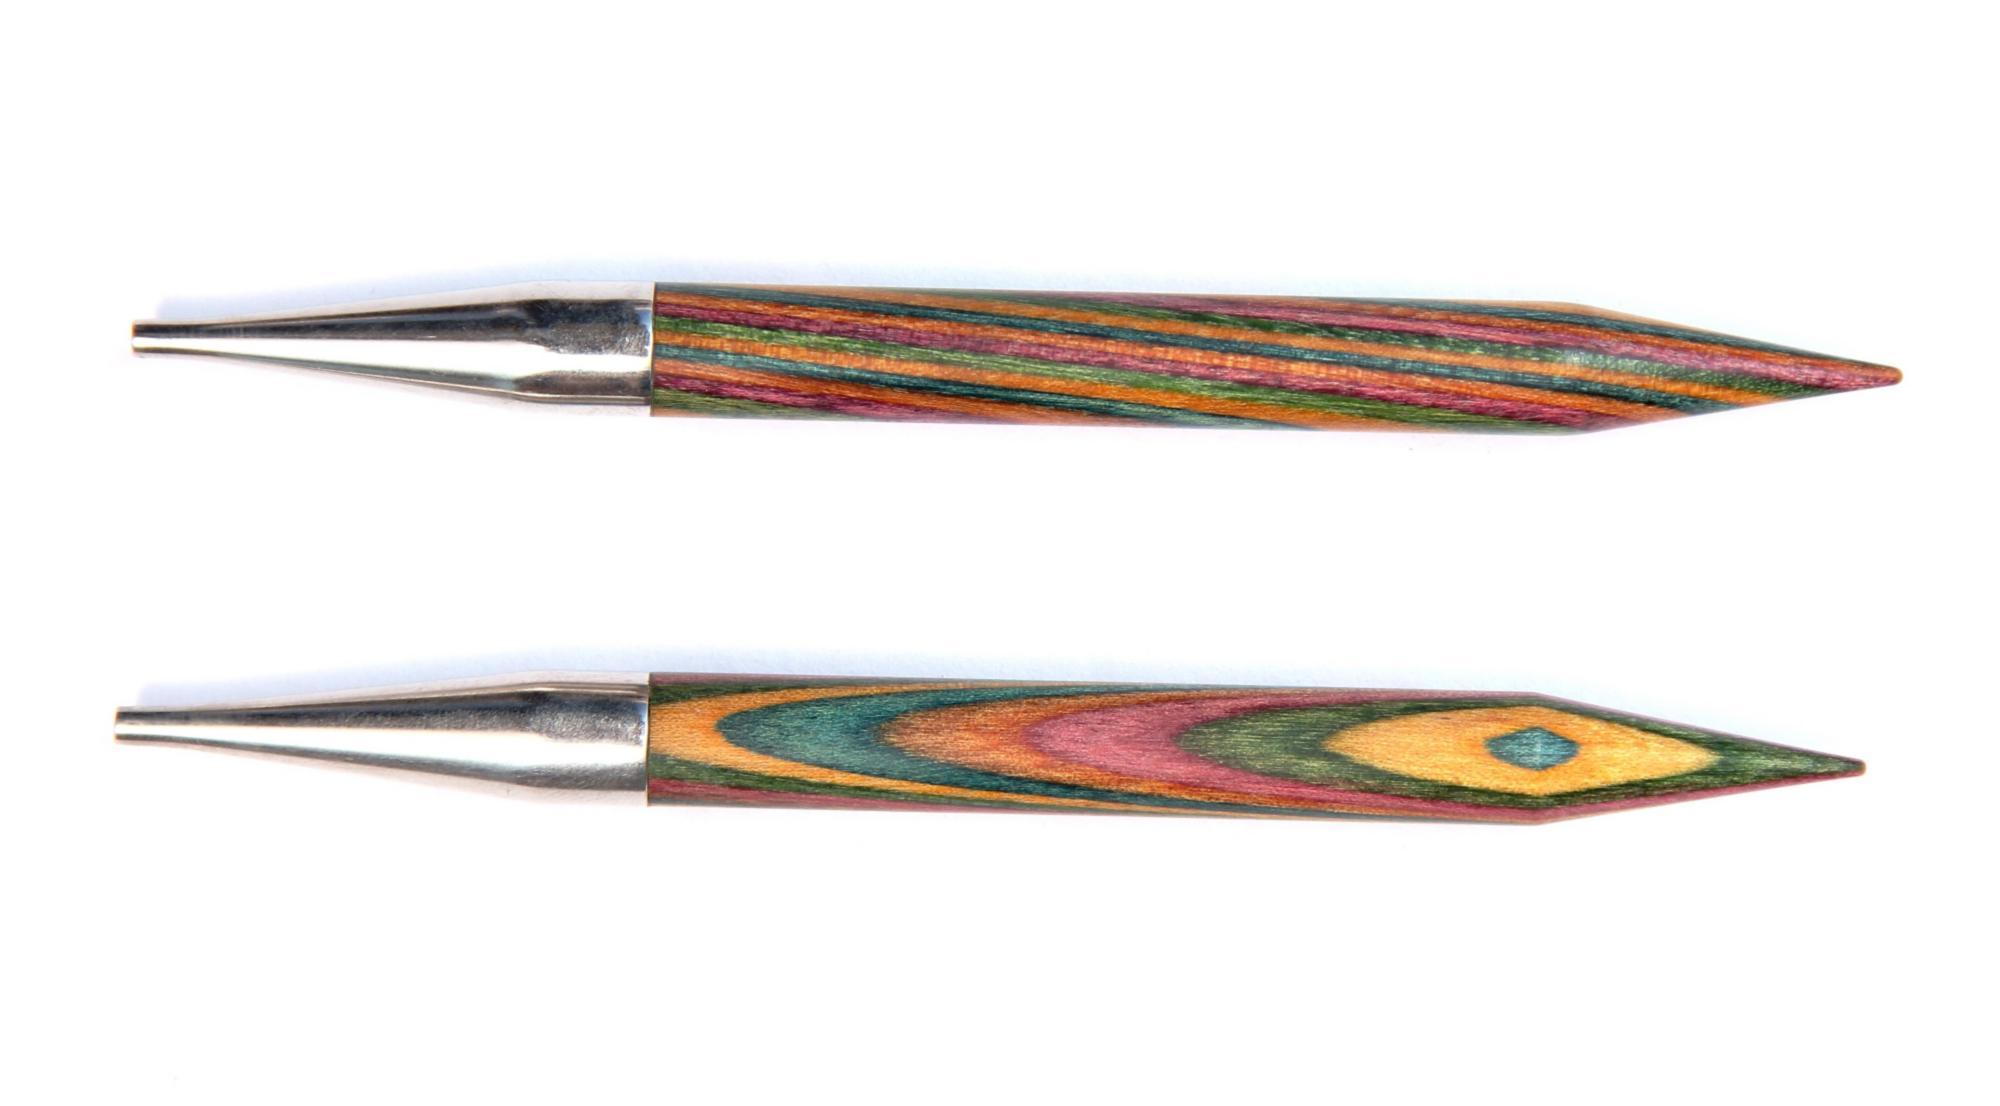 Спицы съемные Symfonie Wood KnitPro, 20412, 12.00 мм